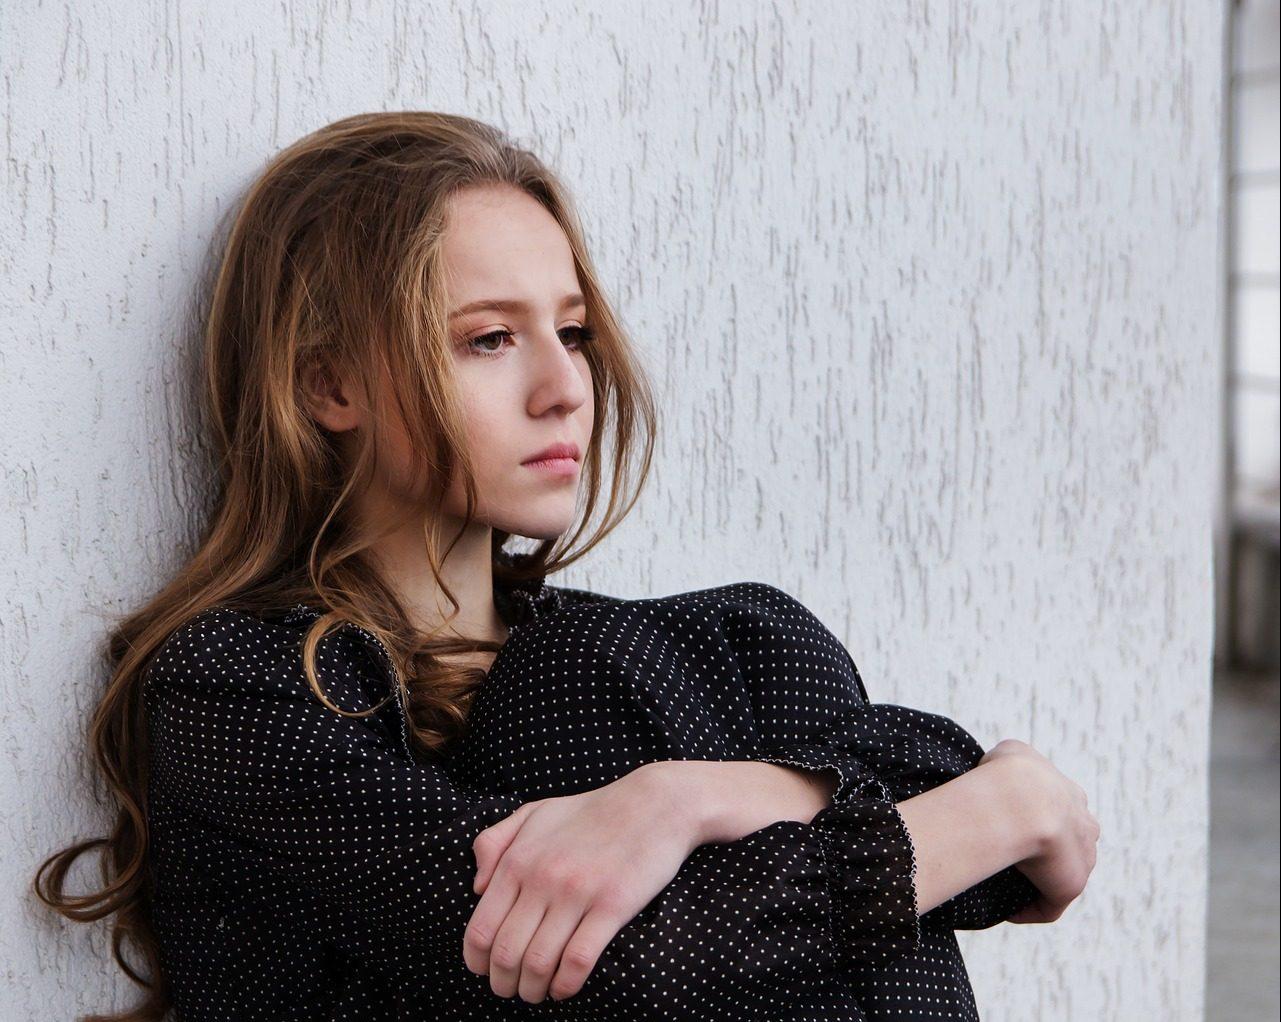 К чему снится измена мужа: сонники против психологии